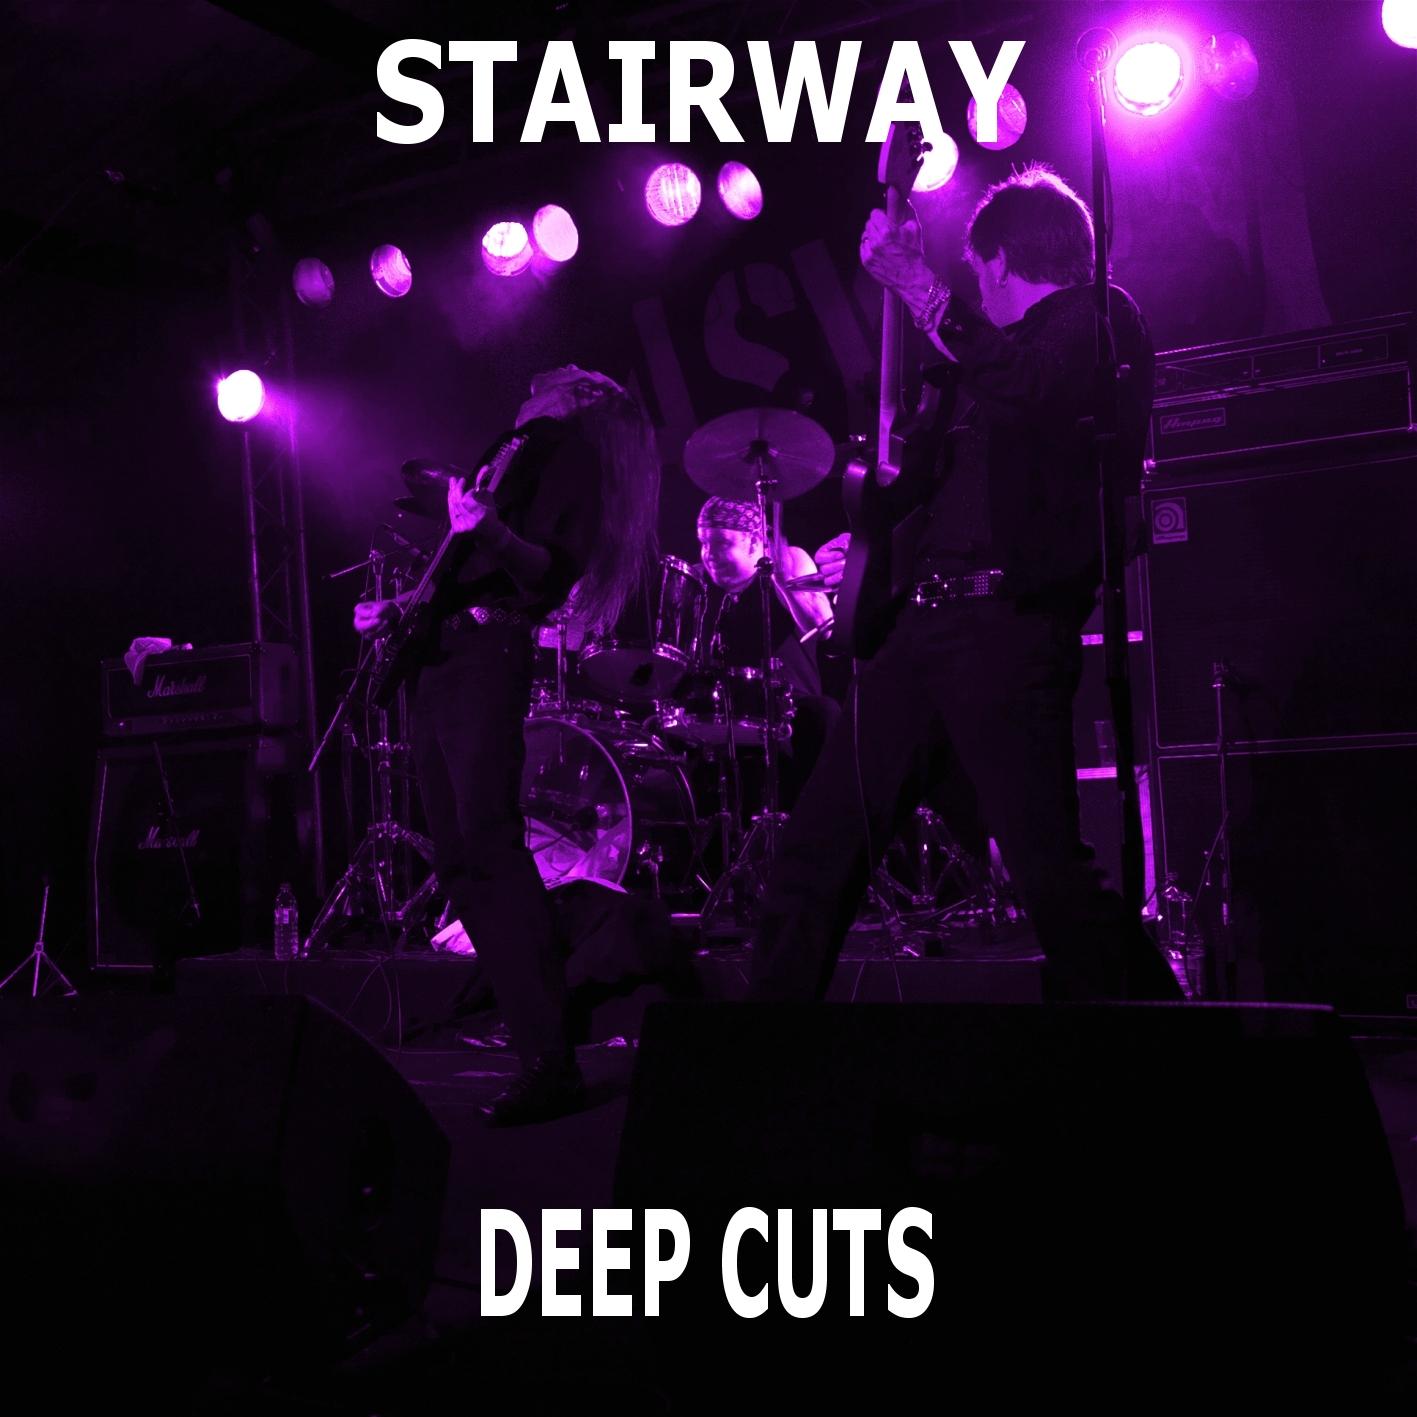 Stairway - Deep Cuts - Stairway